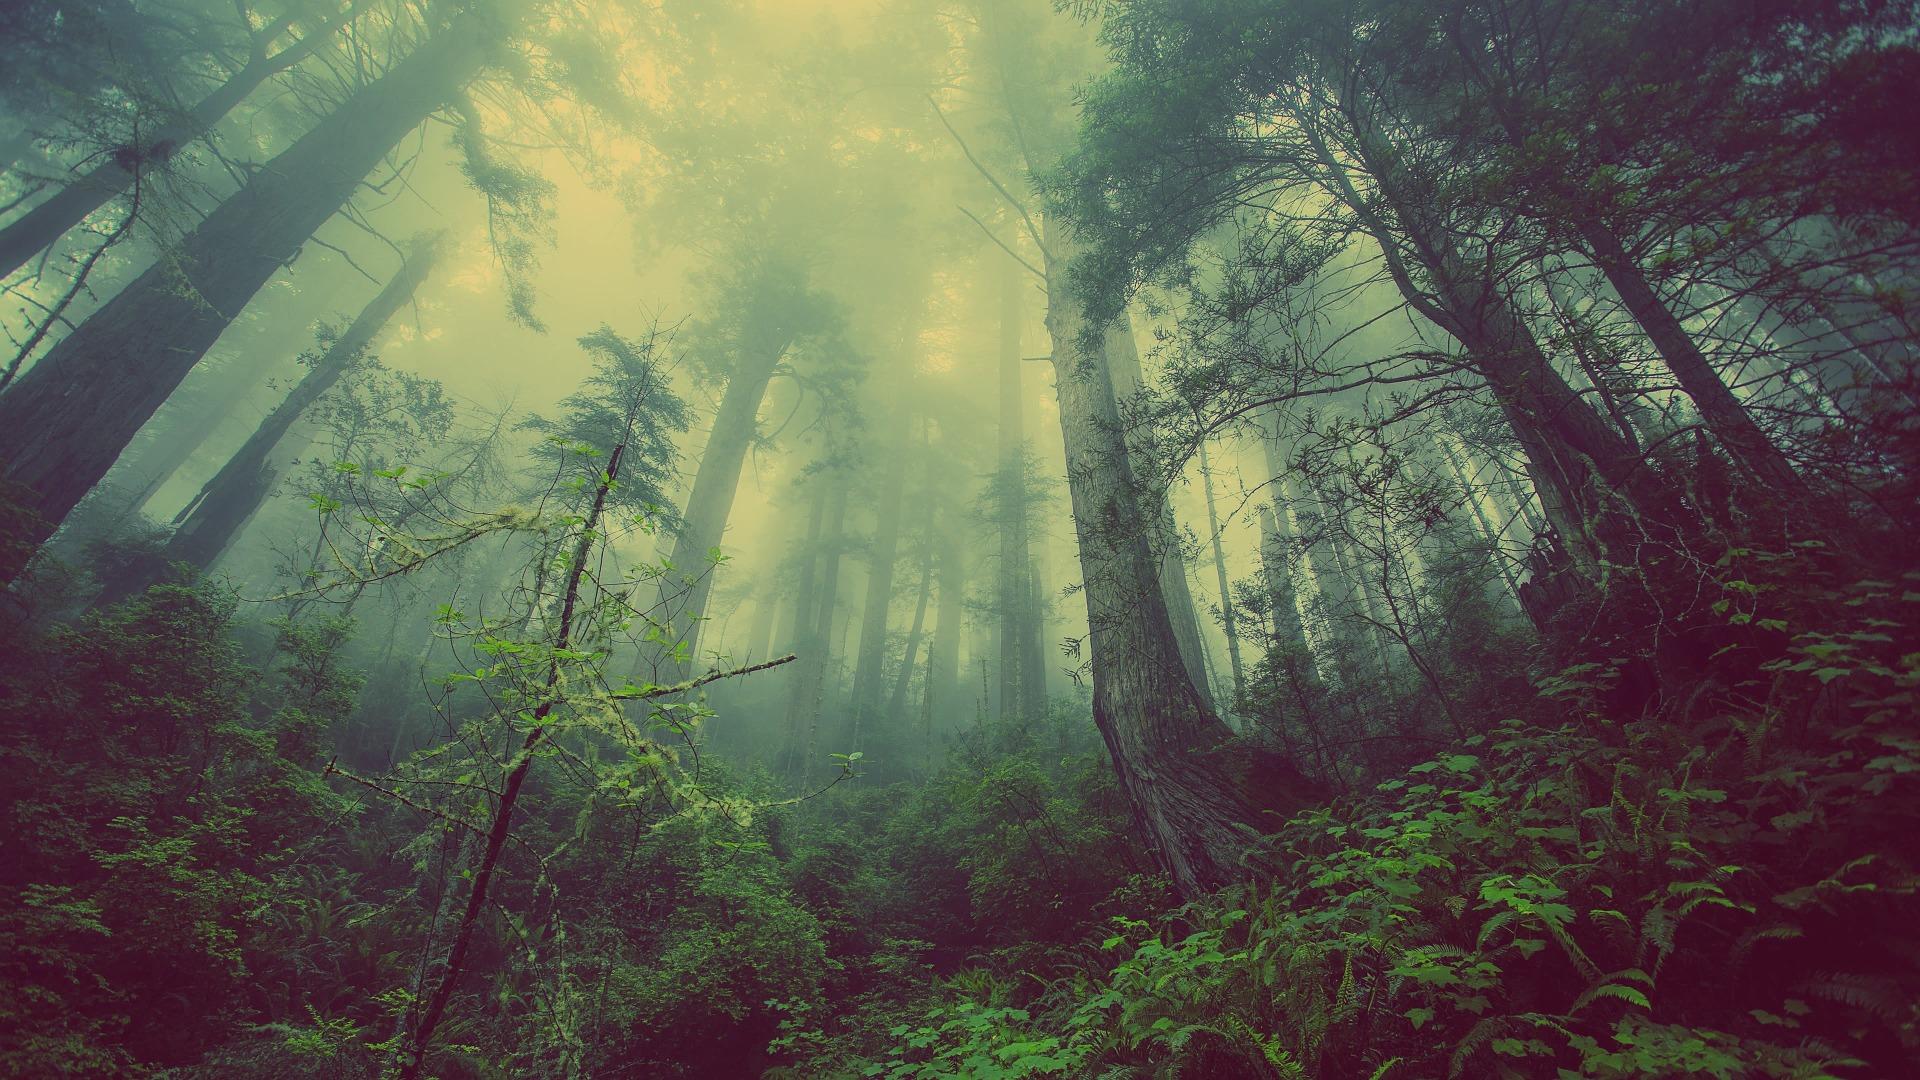 forest-fog-no path - 931706_1920.jpg